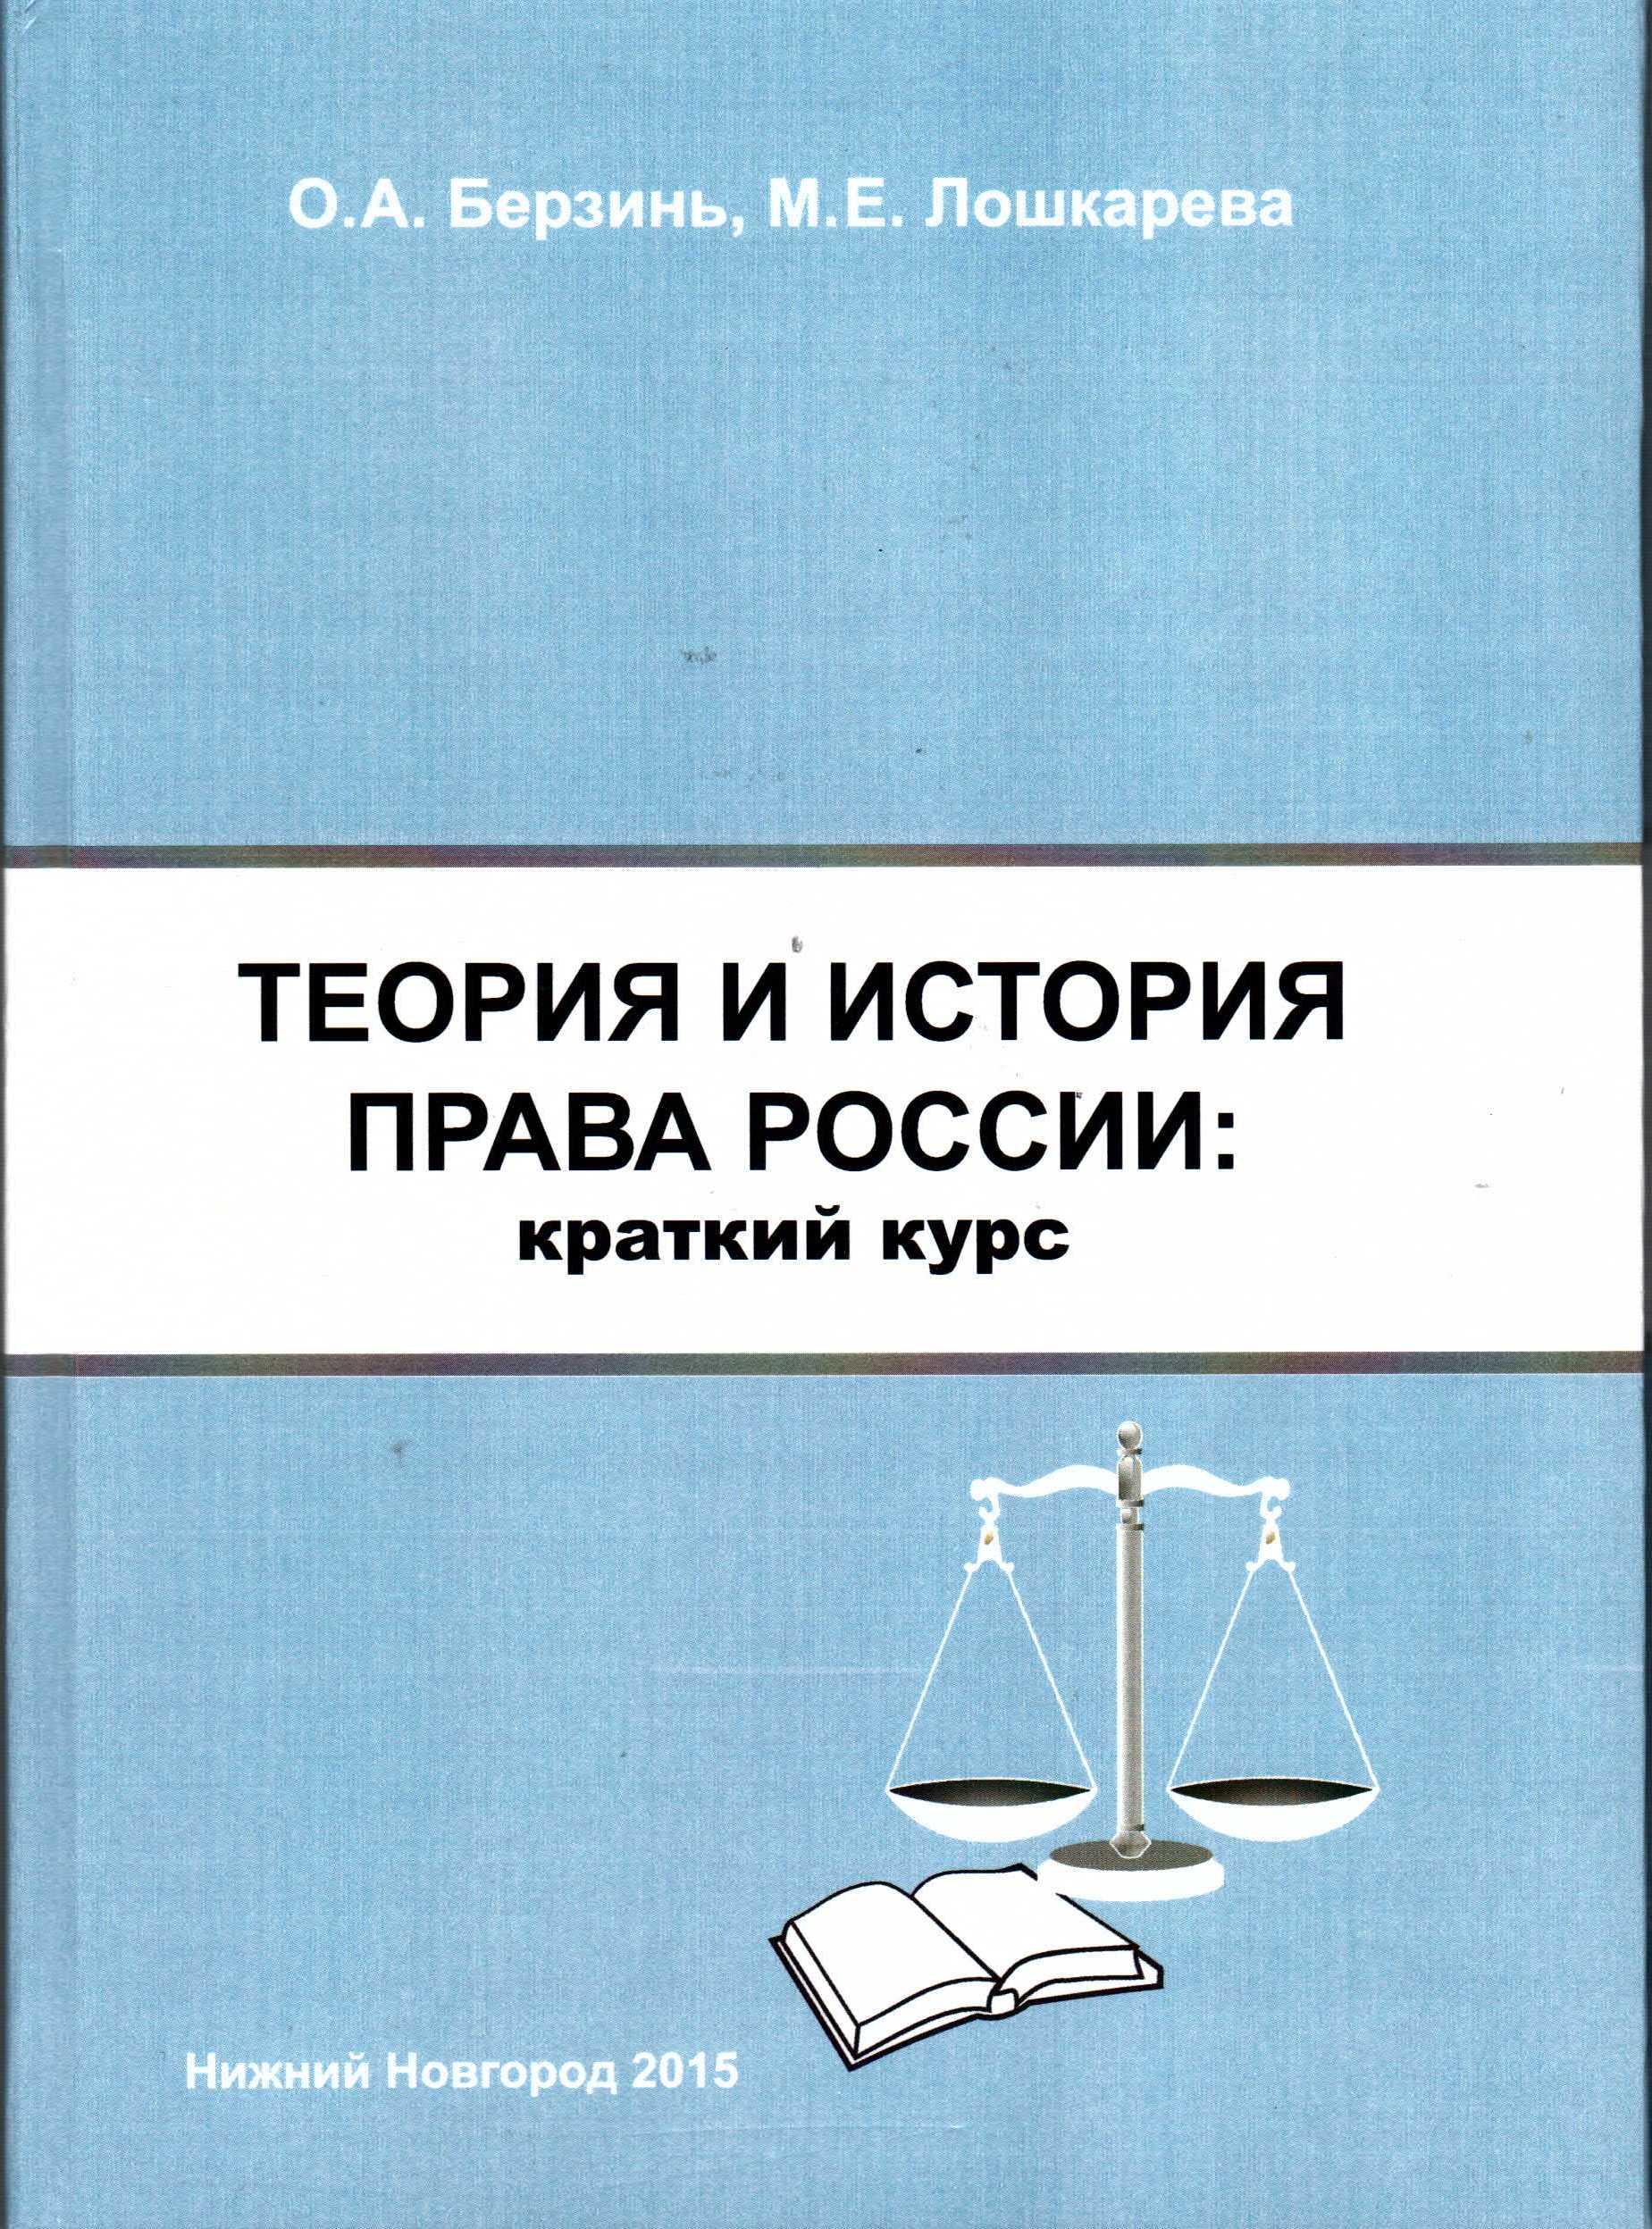 Теория и история права России: краткий курс